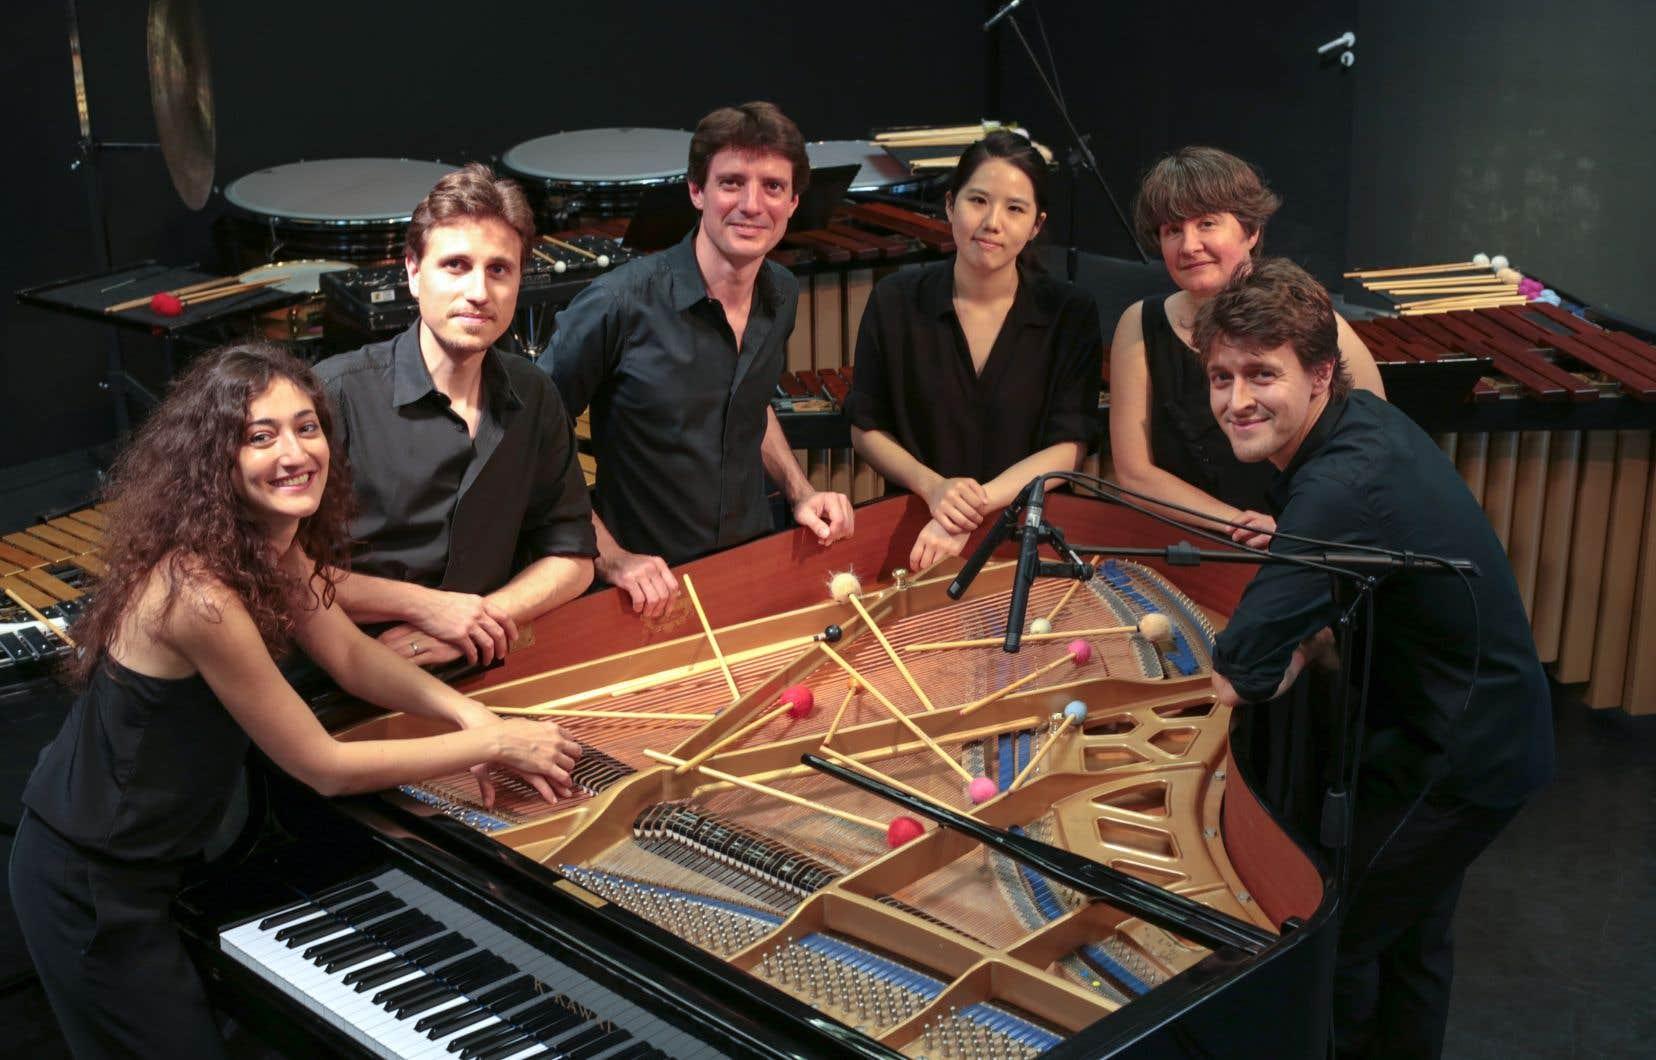 La pianiste Hélène Tysman (à gauche) avec le groupe des Percussions Claviers de Lyon